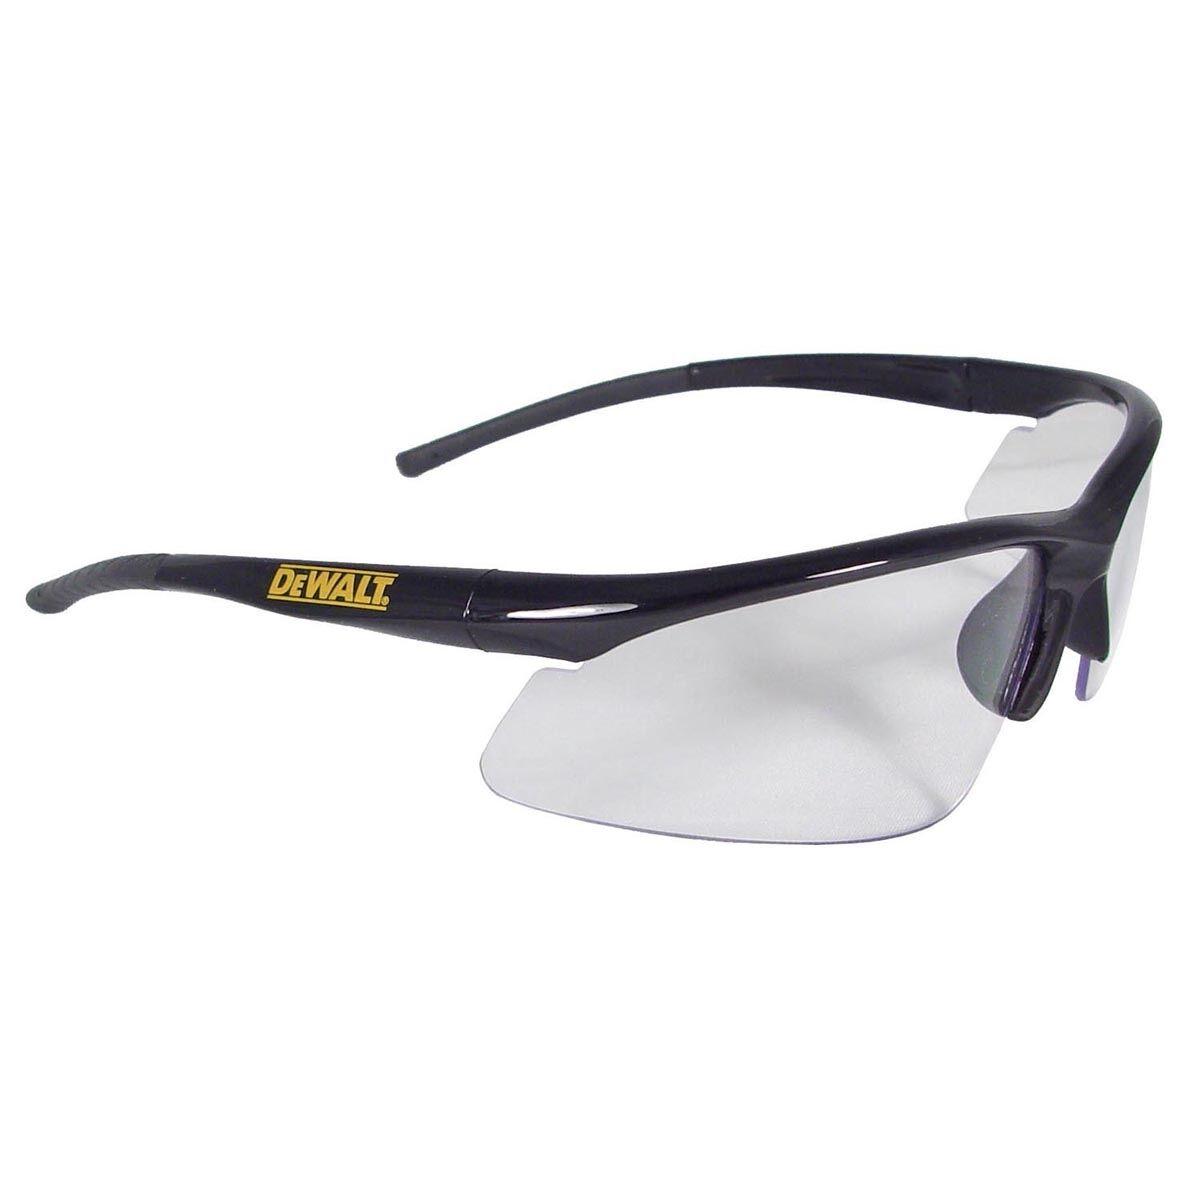 b86845f5af Details about DeWALT Radius Safety Glasses with Clear Lens